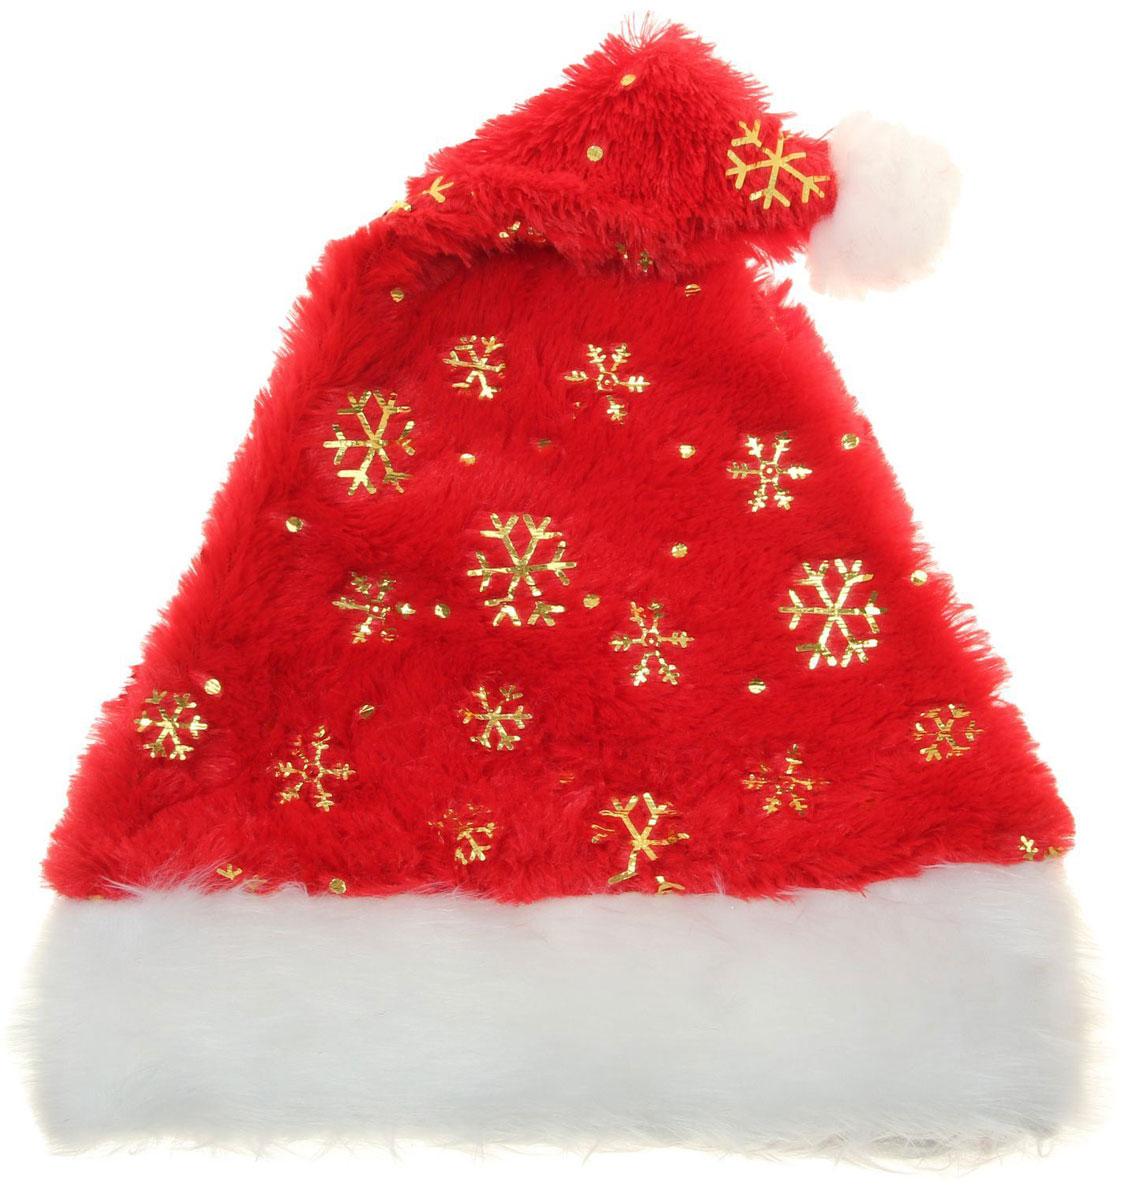 Колпак новогодний Ворс с золотыми снежинками, 28 х 40 см. 13906521390652Поддайтесь новогоднему веселью на полную катушку! Забавный колпак в секунду создаст праздничное настроение, будь то поздравление ребятишек или вечеринка с друзьями. Размер изделия универсальный: аксессуар подойдет как для ребенка, так и для взрослого. А мягкий текстиль позволит носить колпак с комфортом на протяжении всей новогодней ночи.